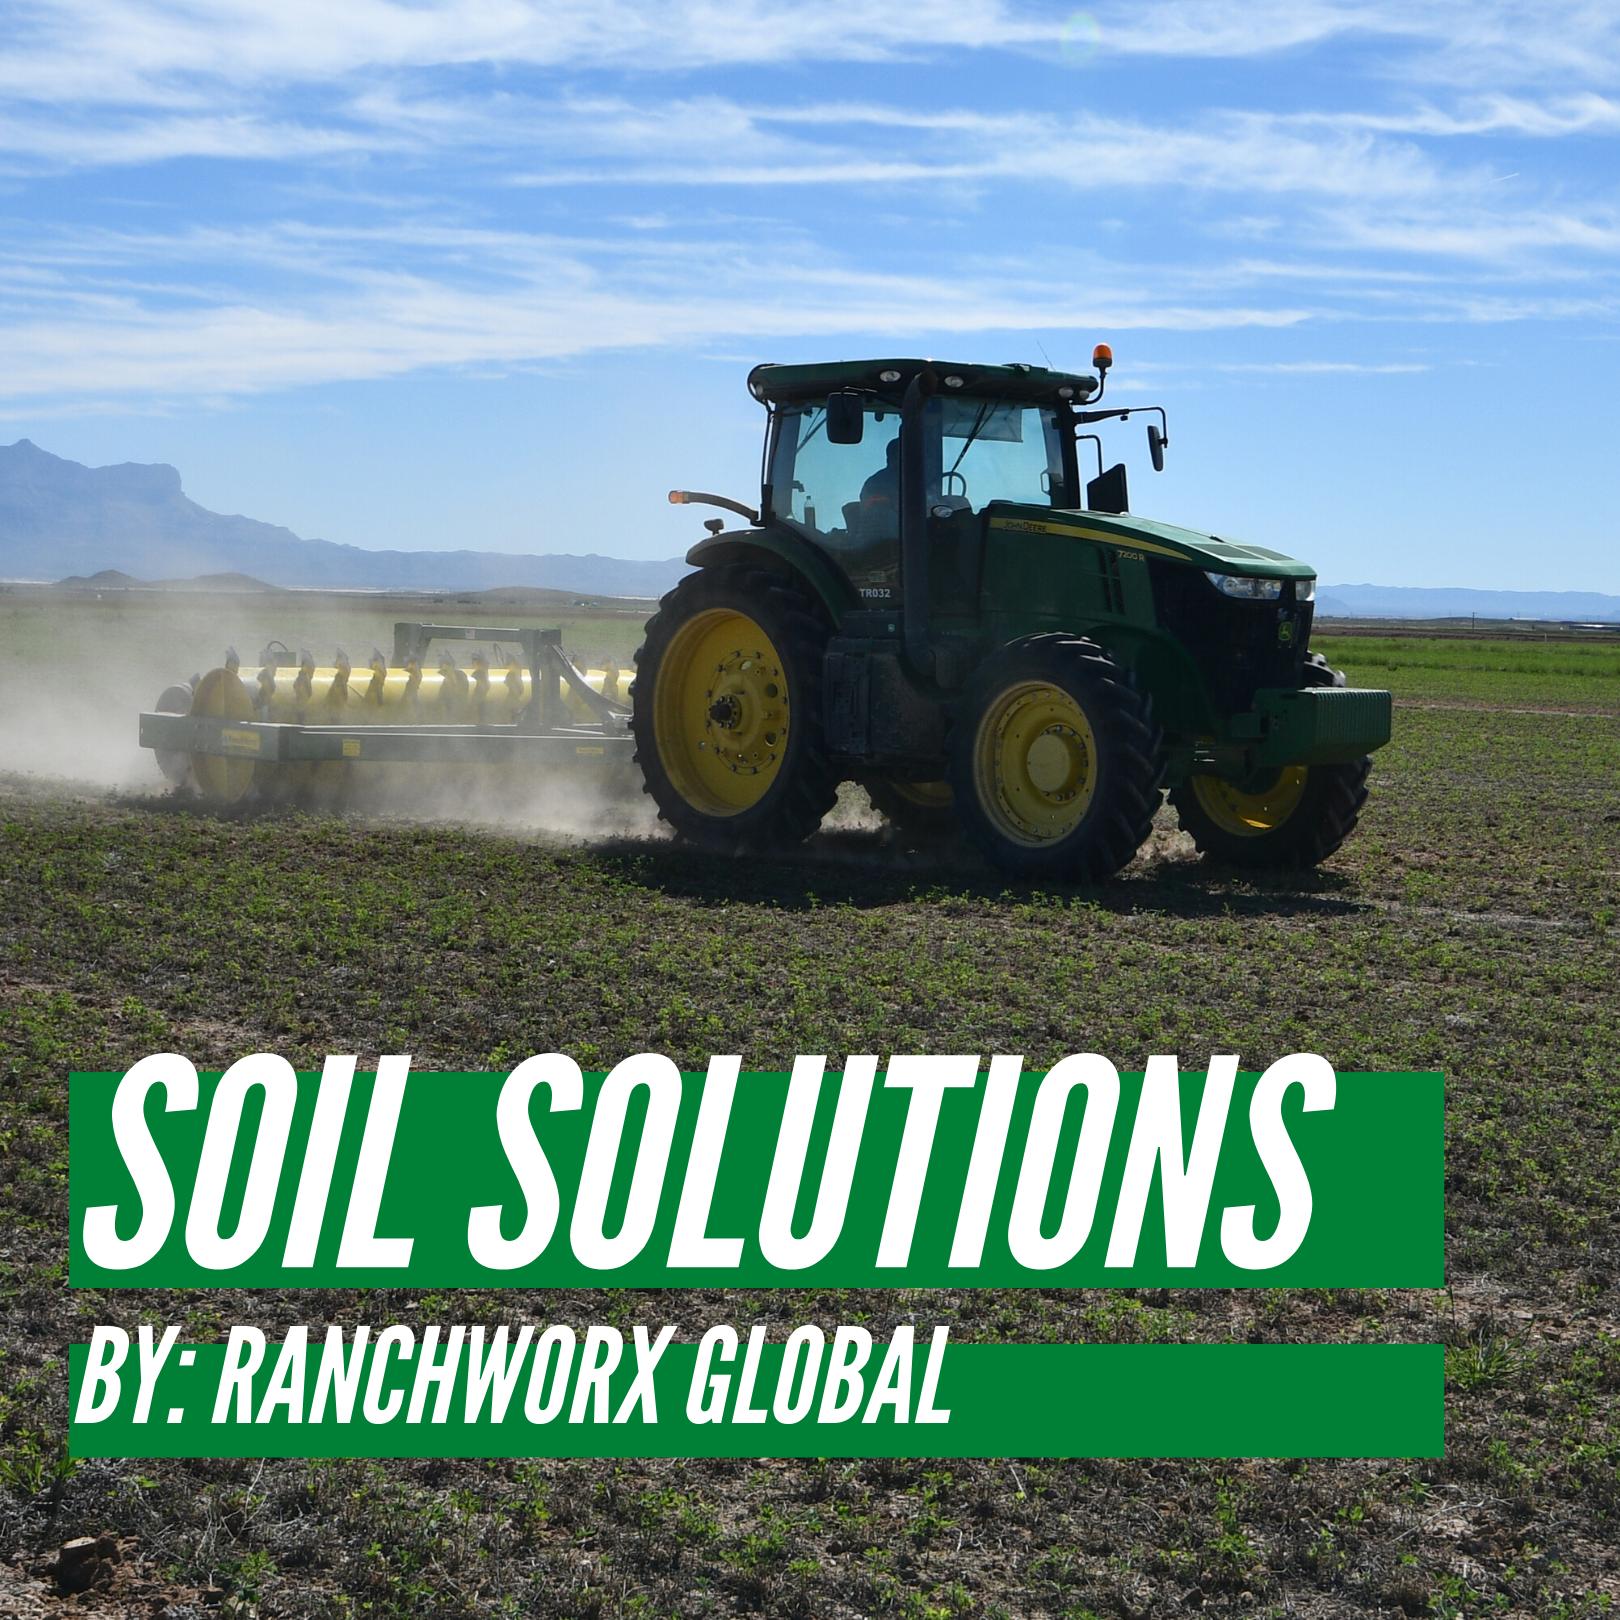 RanchWorx Soil Solutions